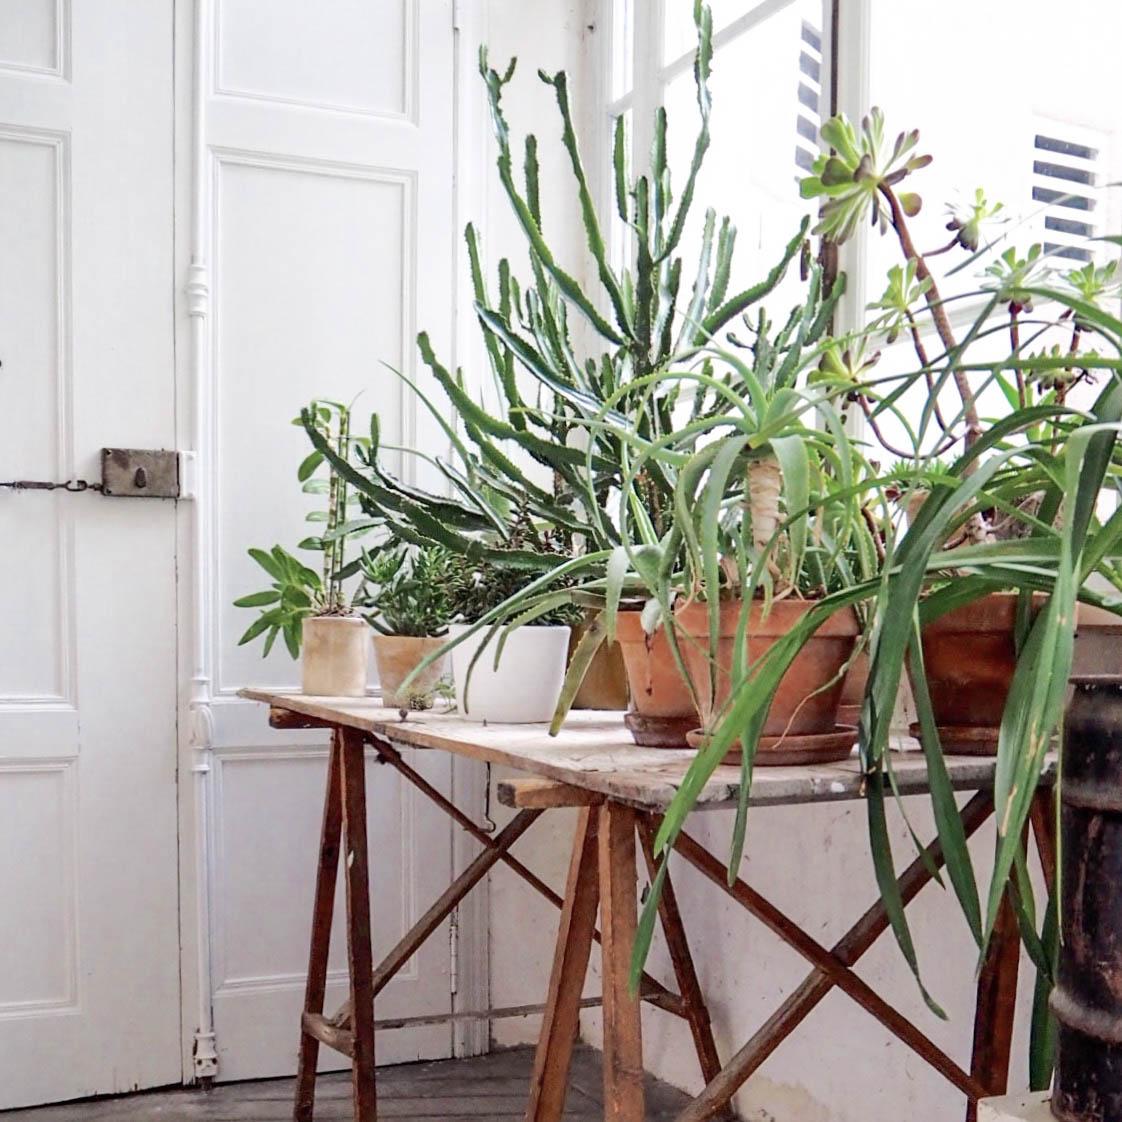 camellas-lloret-maison-d'hotes-entry-plants.jpg